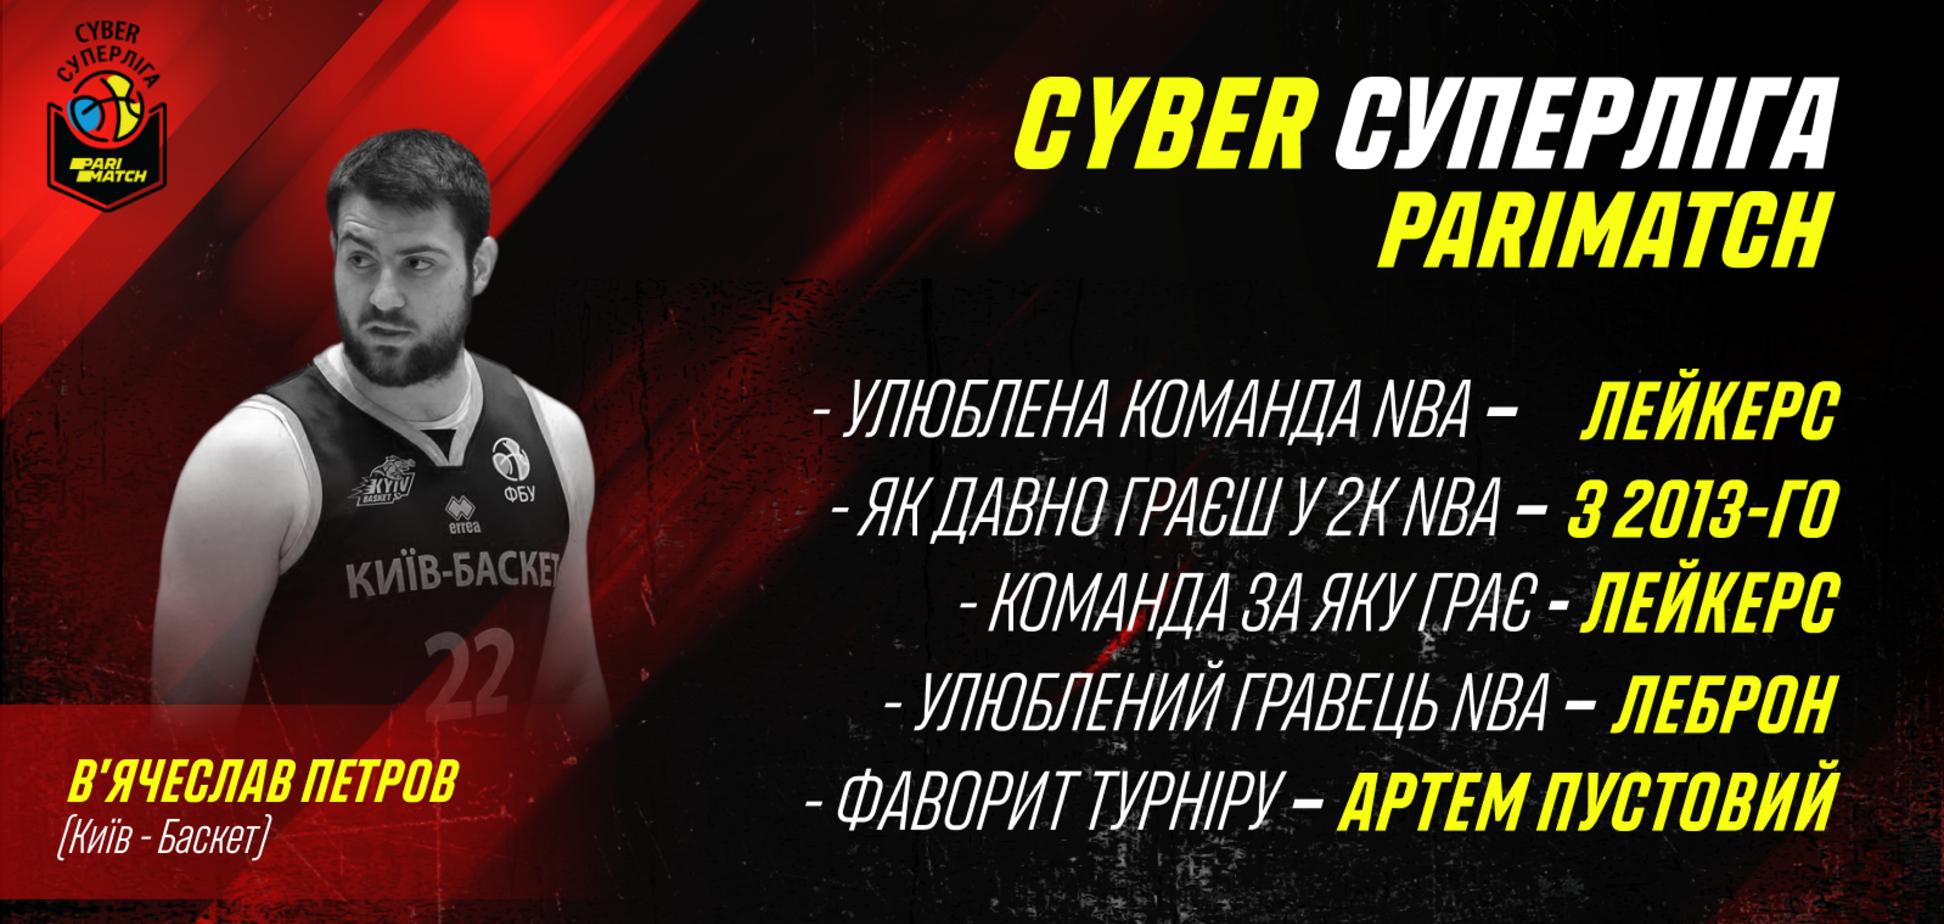 Cyber Суперліга Парі-Матч. Слово фіналістам